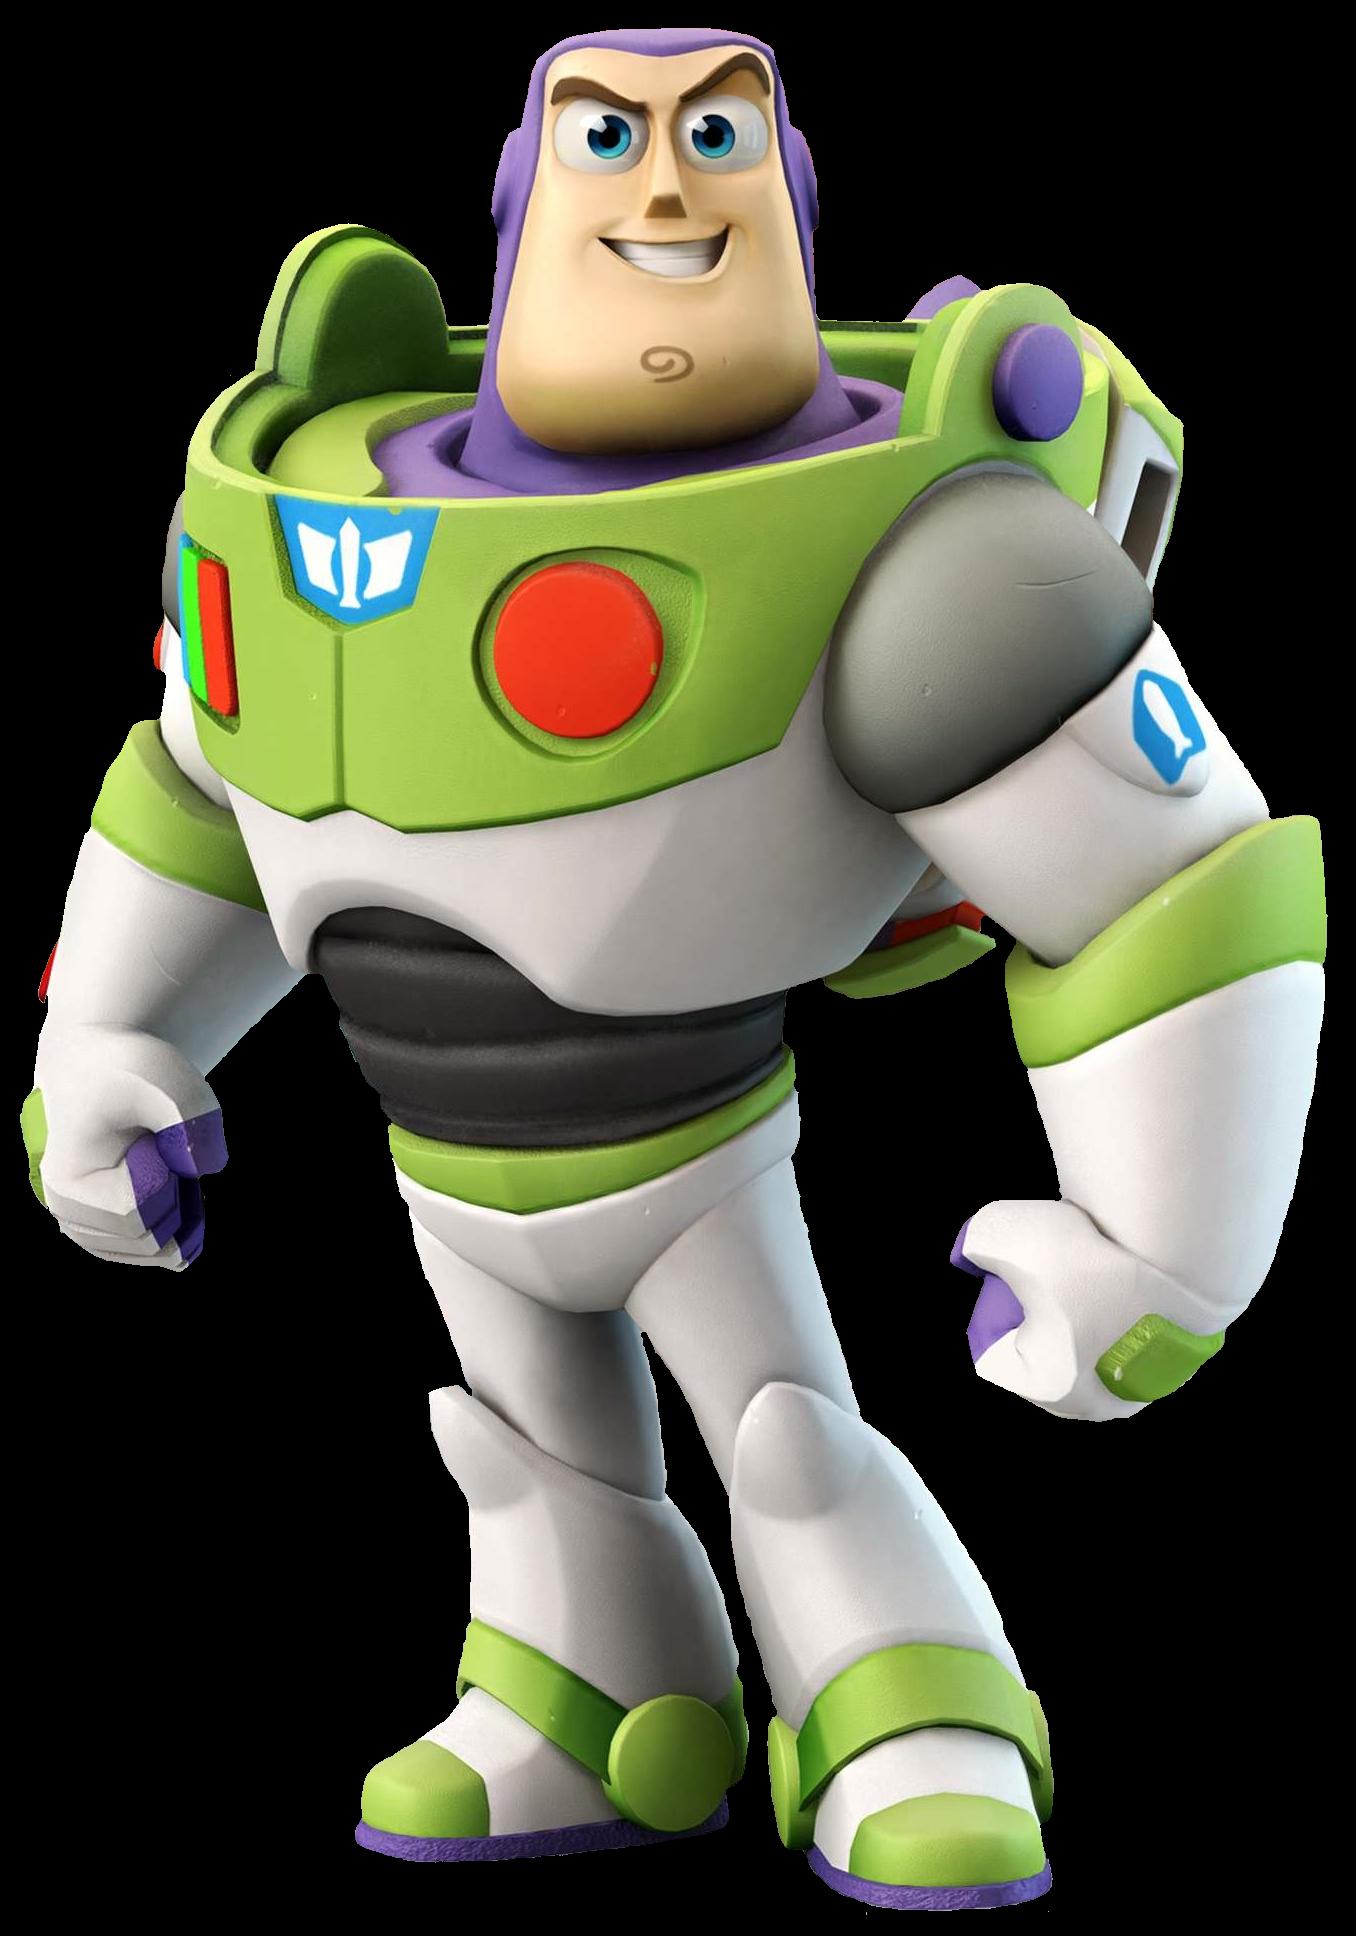 Buzz Lightyear World Of Cars Wiki Fandom Powered By Wikia